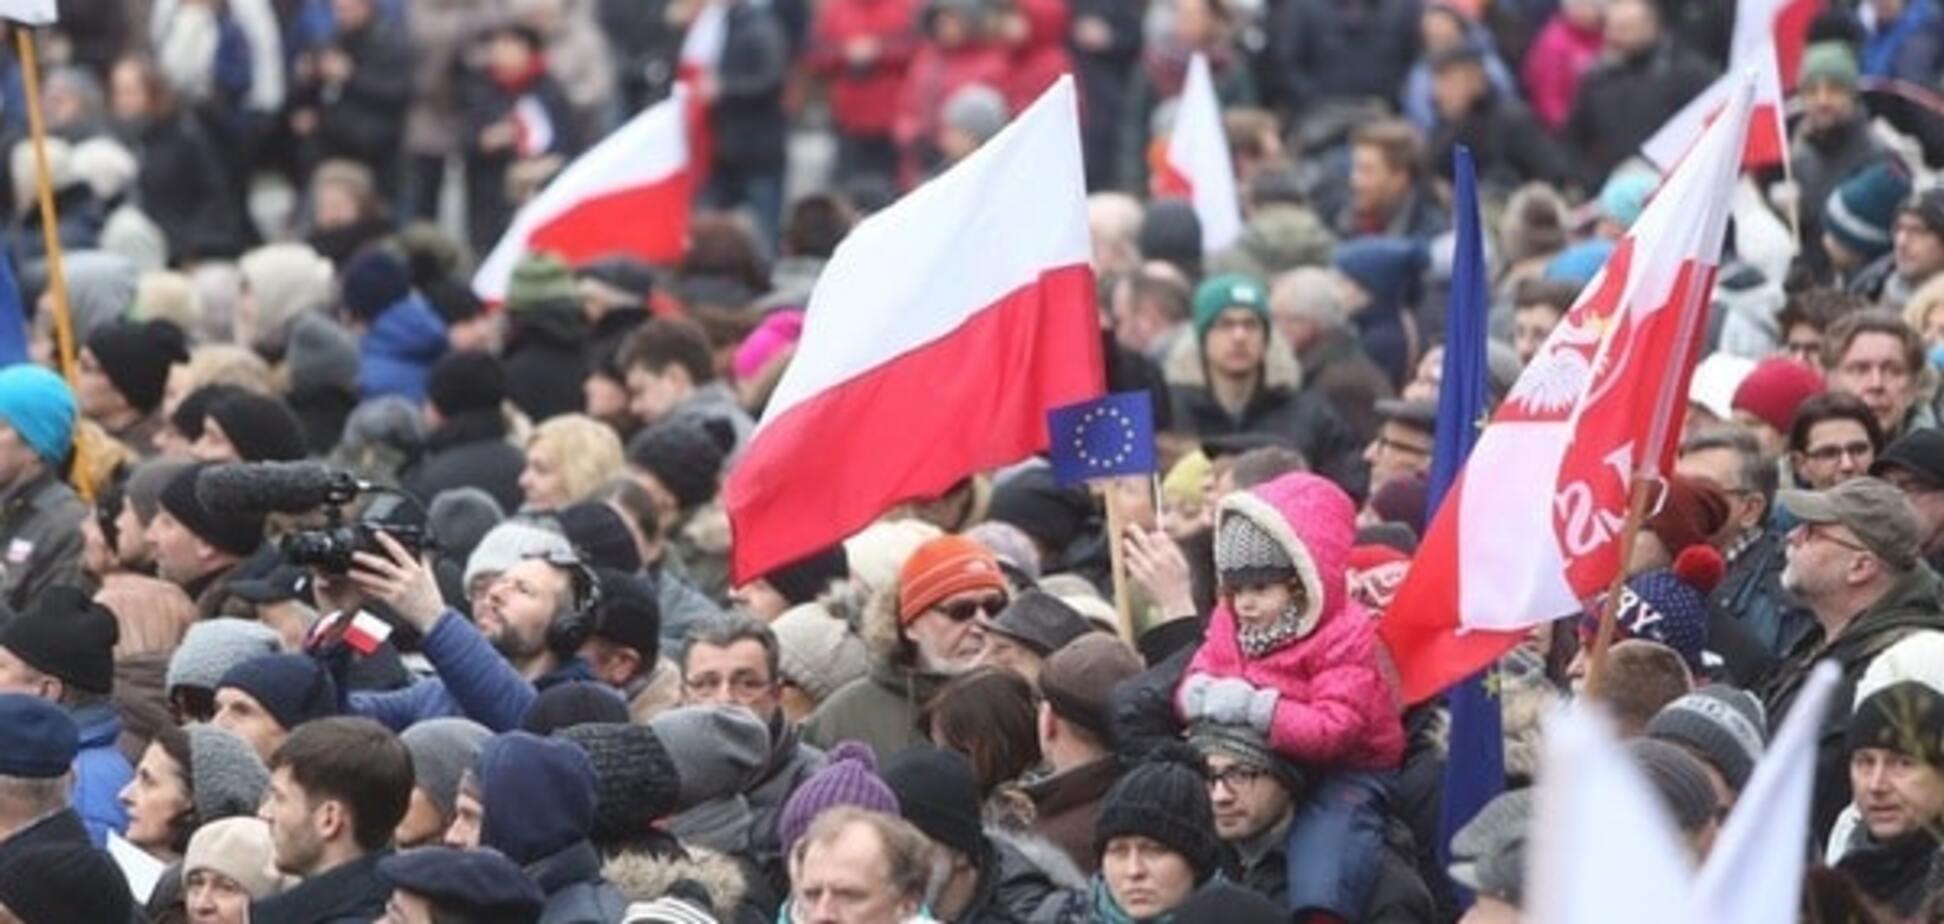 Польшу взорвали акции протеста из-за скандального закона о СМИ: опубликованы фото